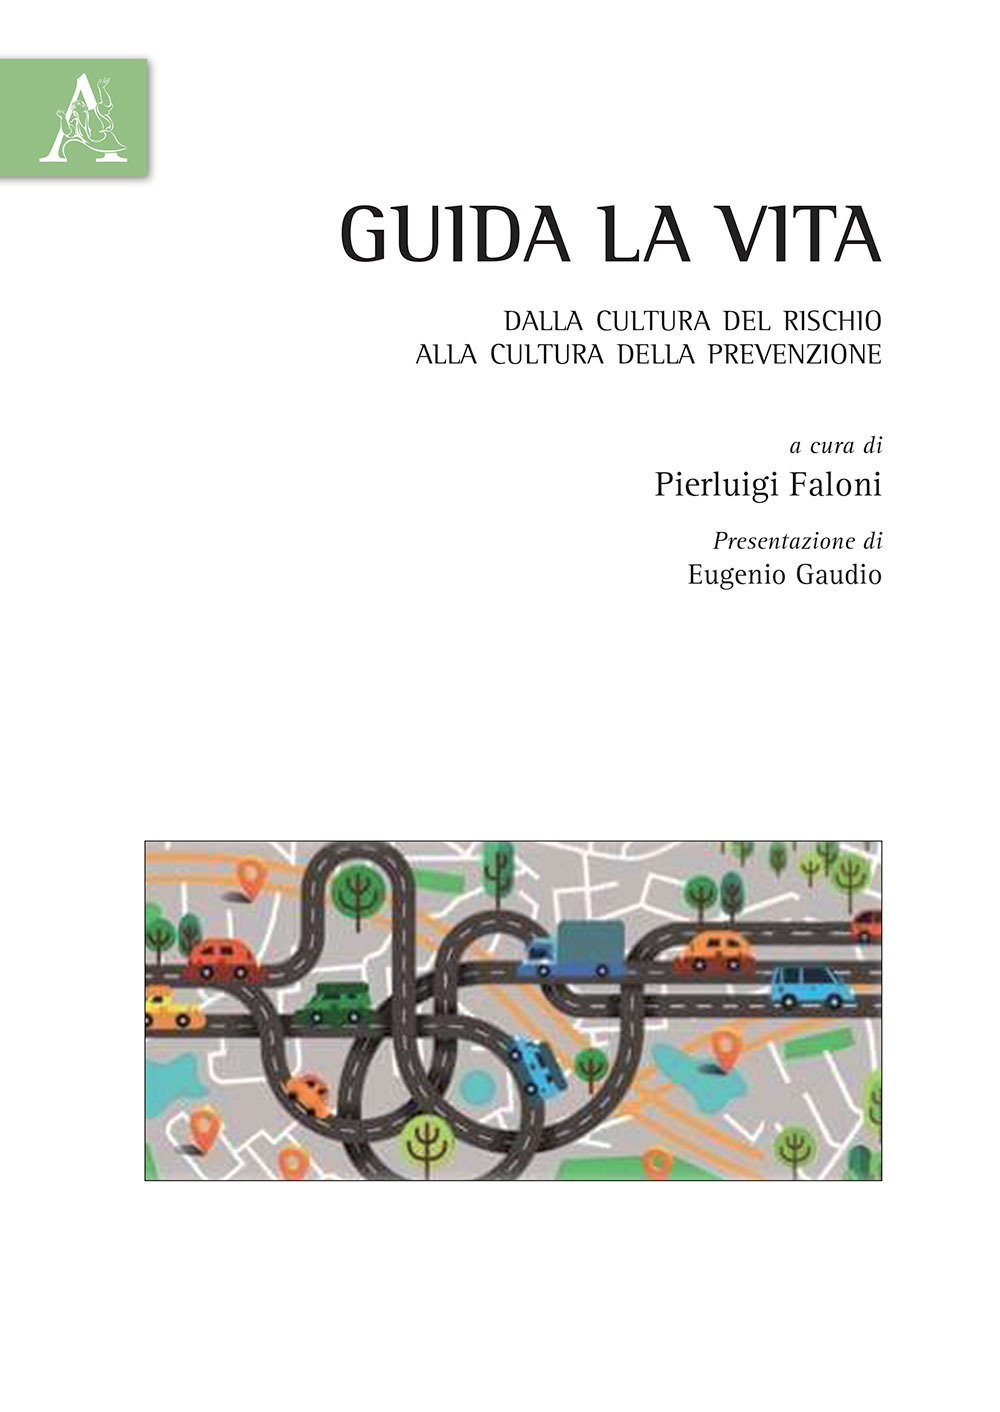 Image of Guida la vita. Dalla cultura del rischio alla cultura della preven..